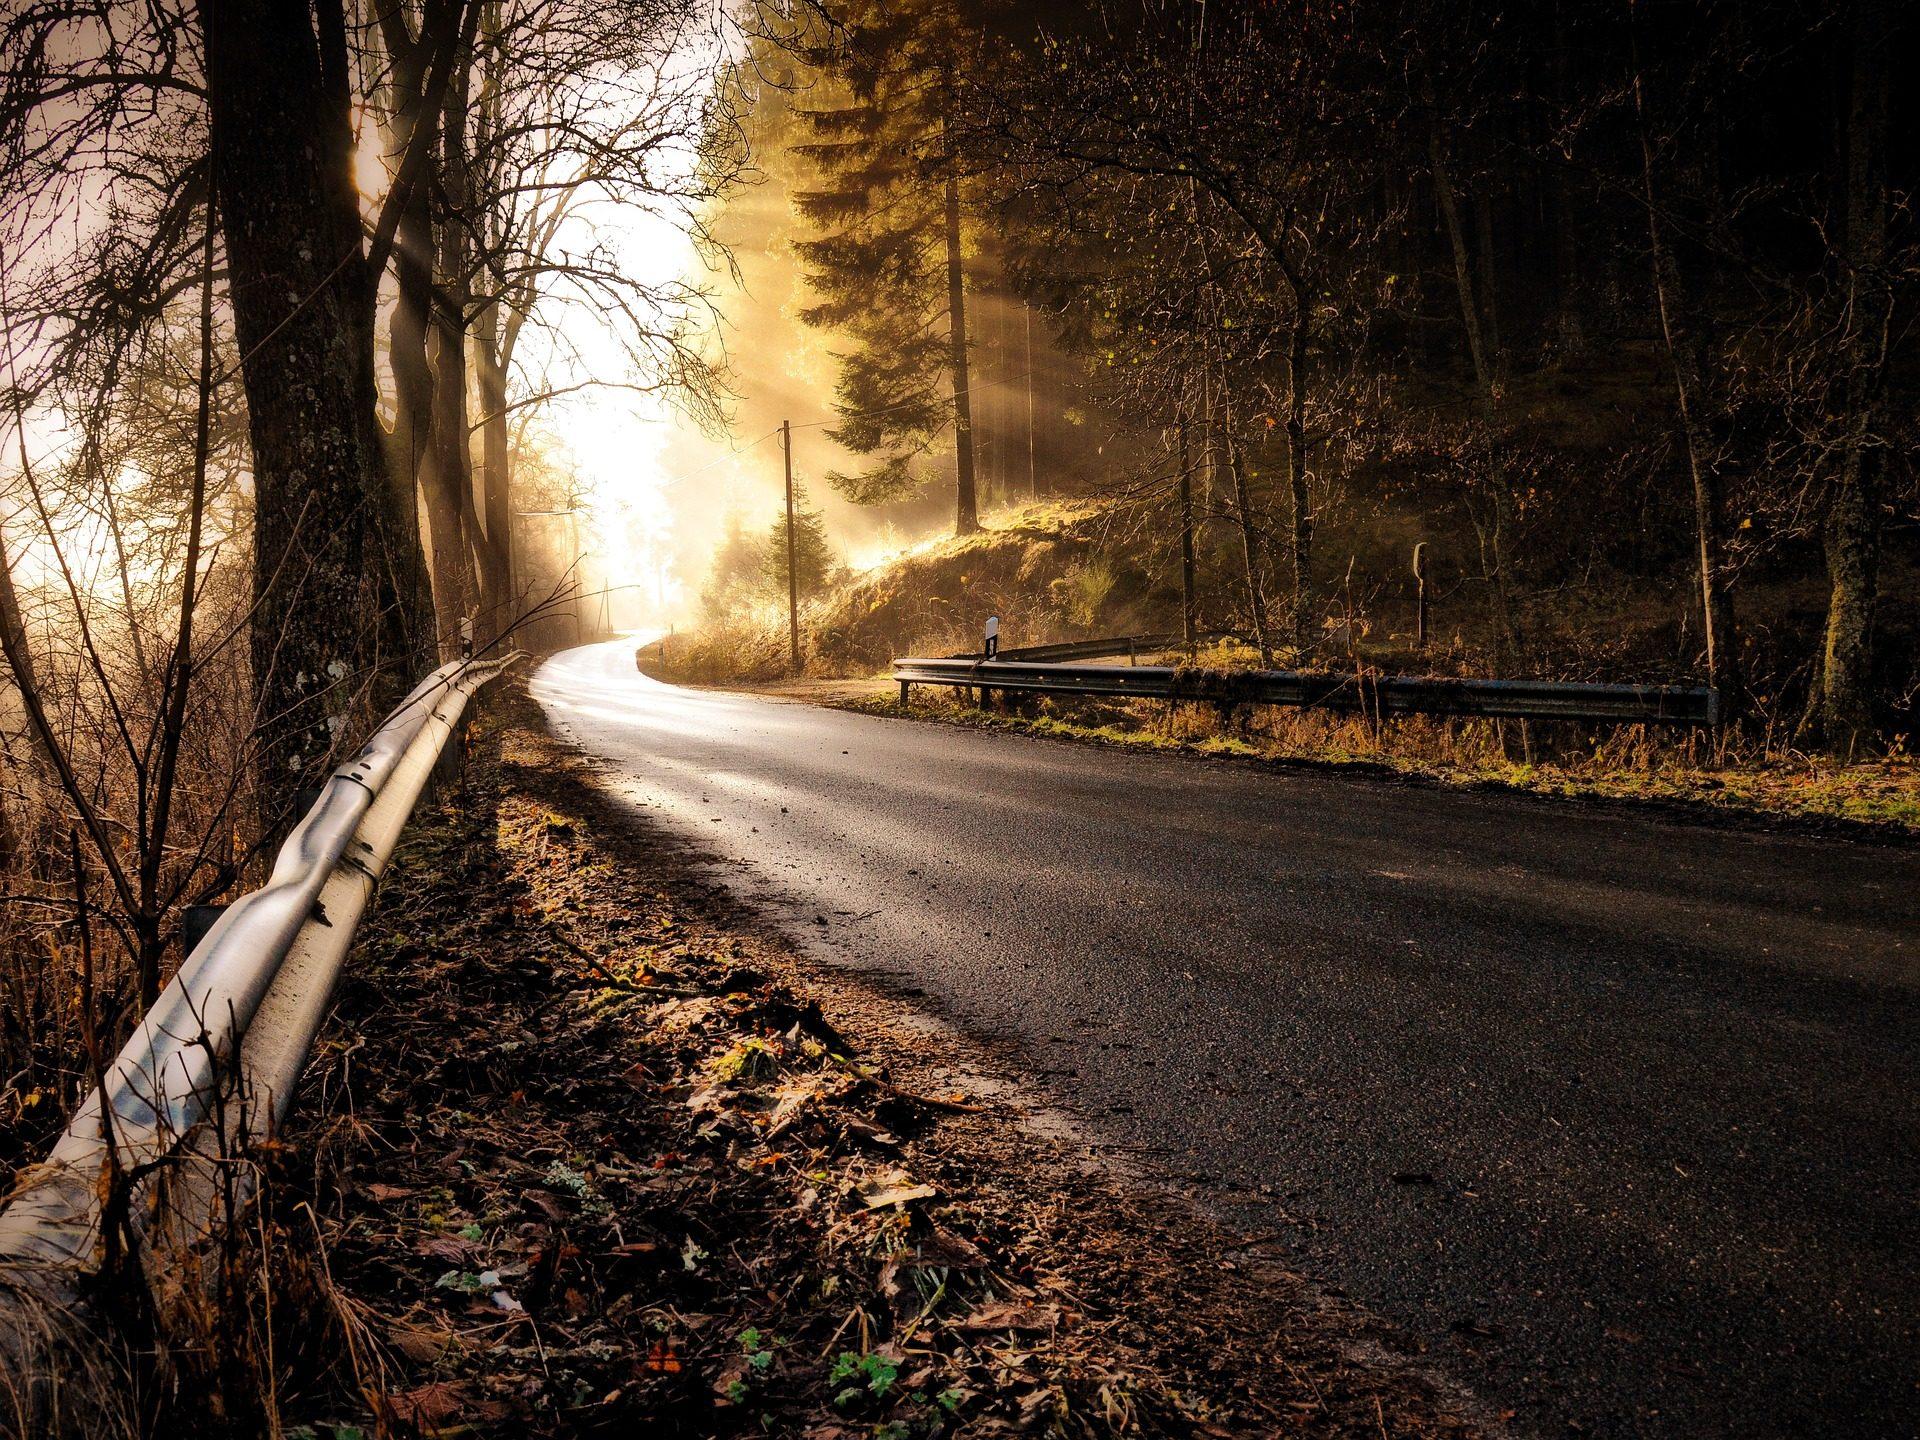 carretera, Дорога, лес, деревья, туман, гало, лучи, свет, Полутень - Обои HD - Профессор falken.com